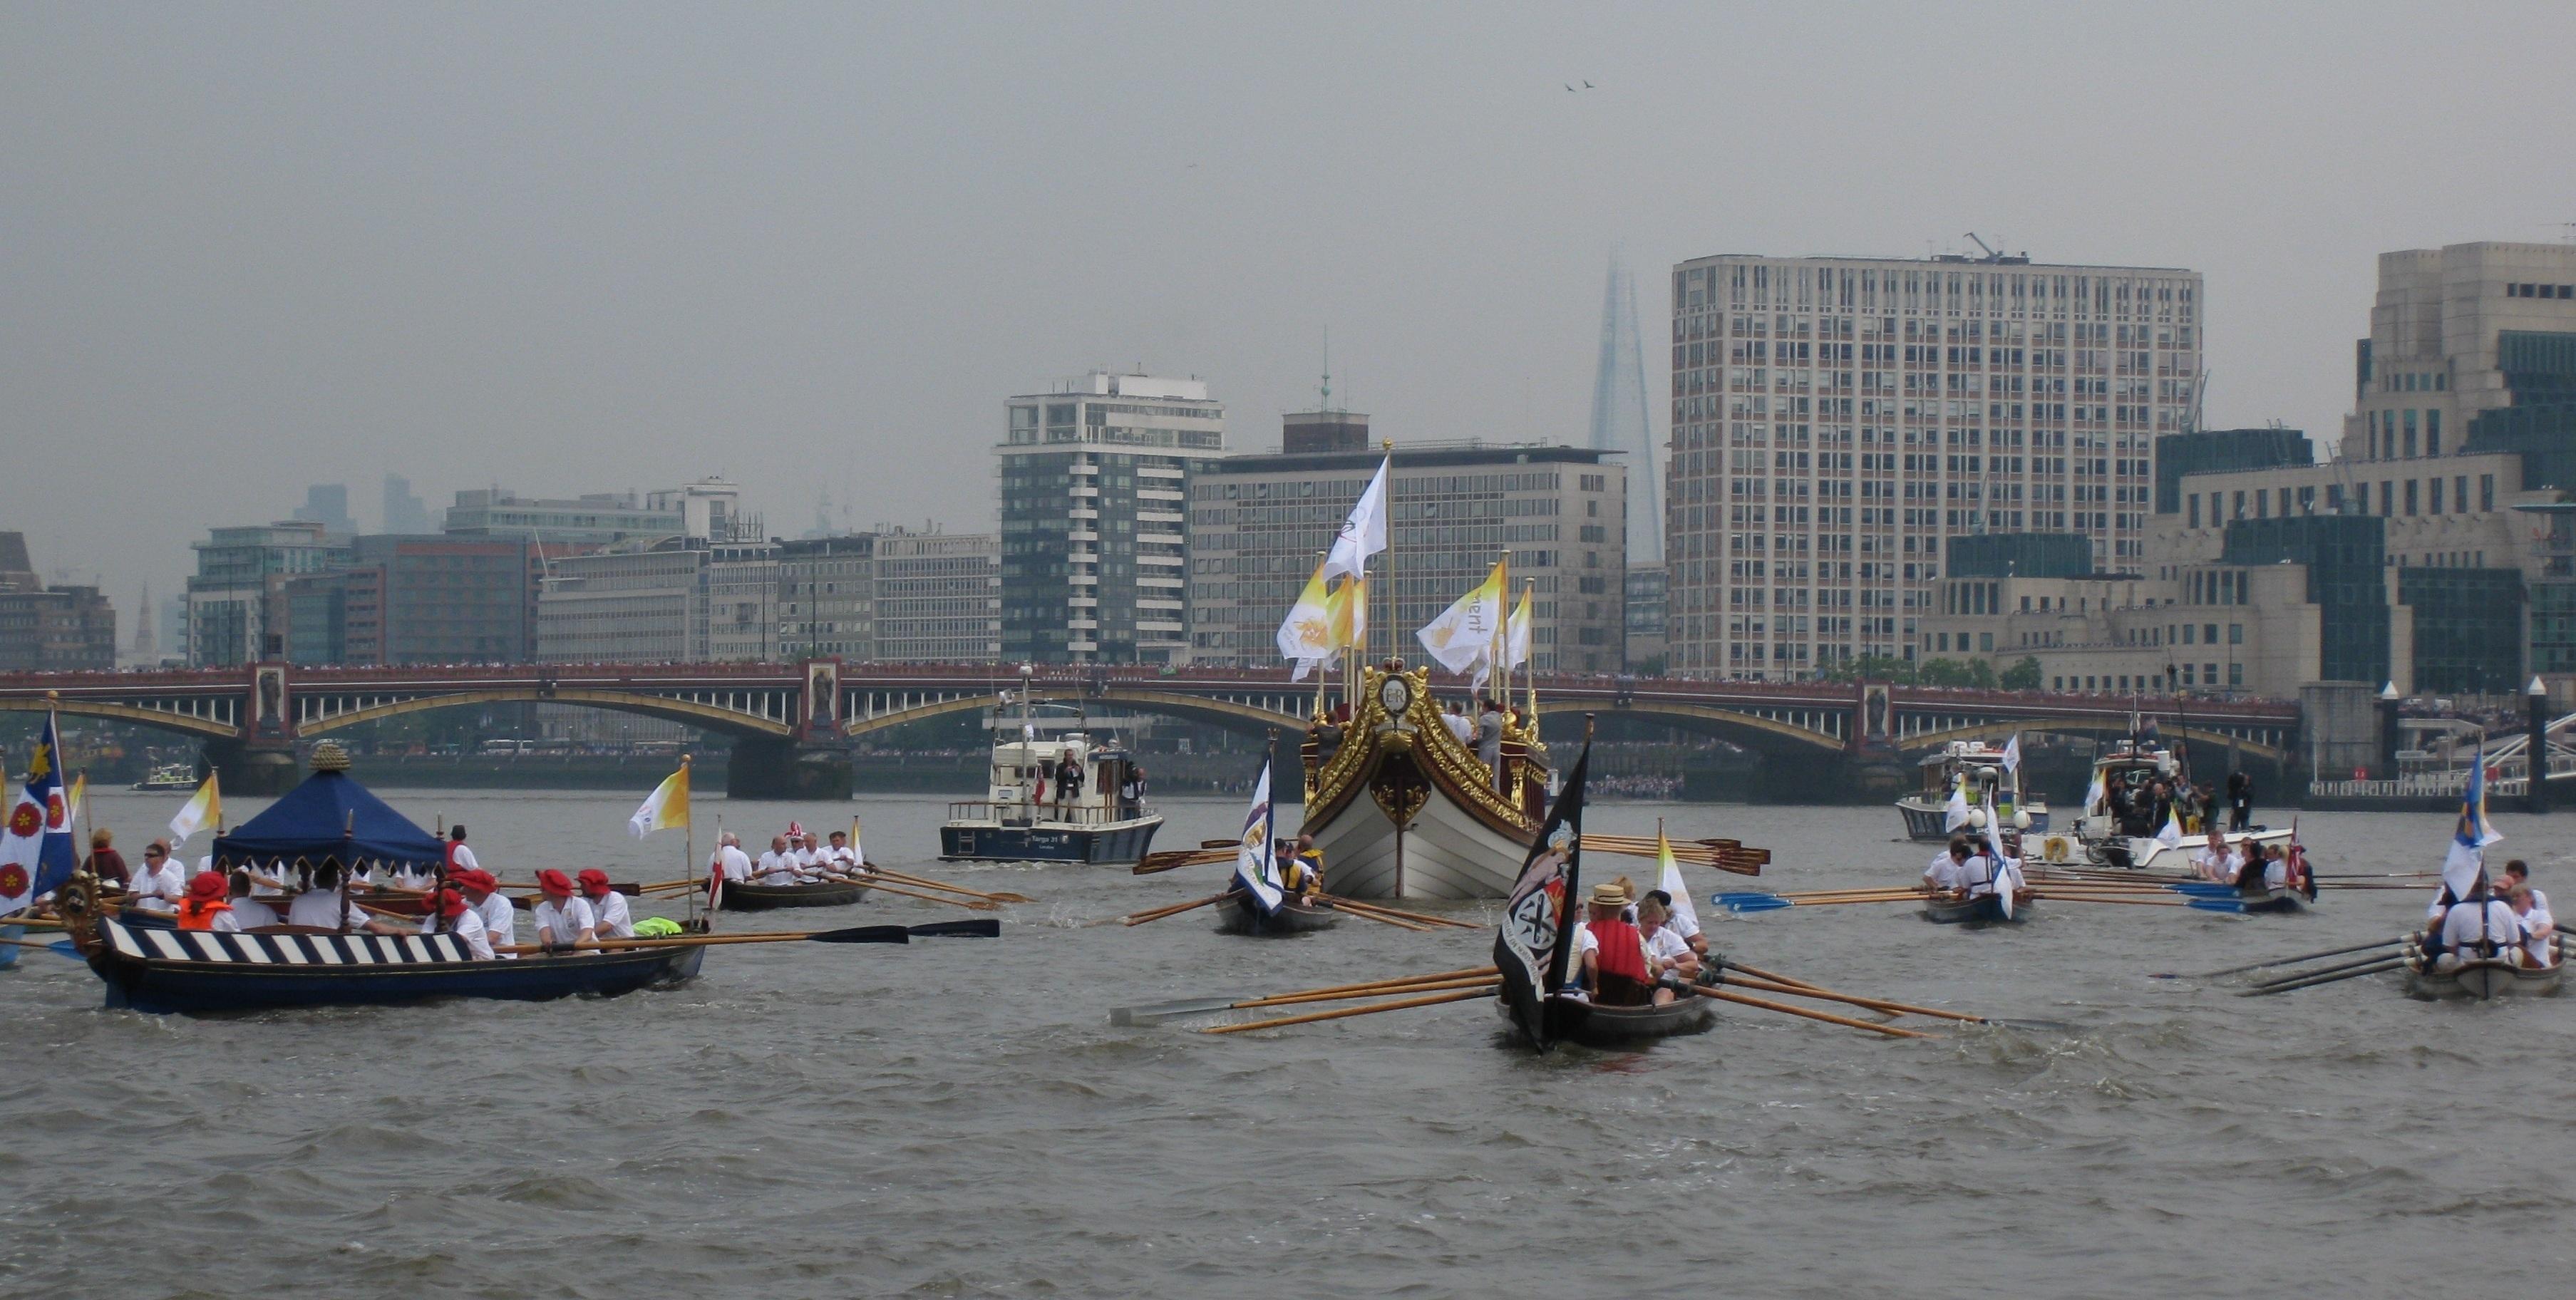 Flotilla 3 escorting QRB